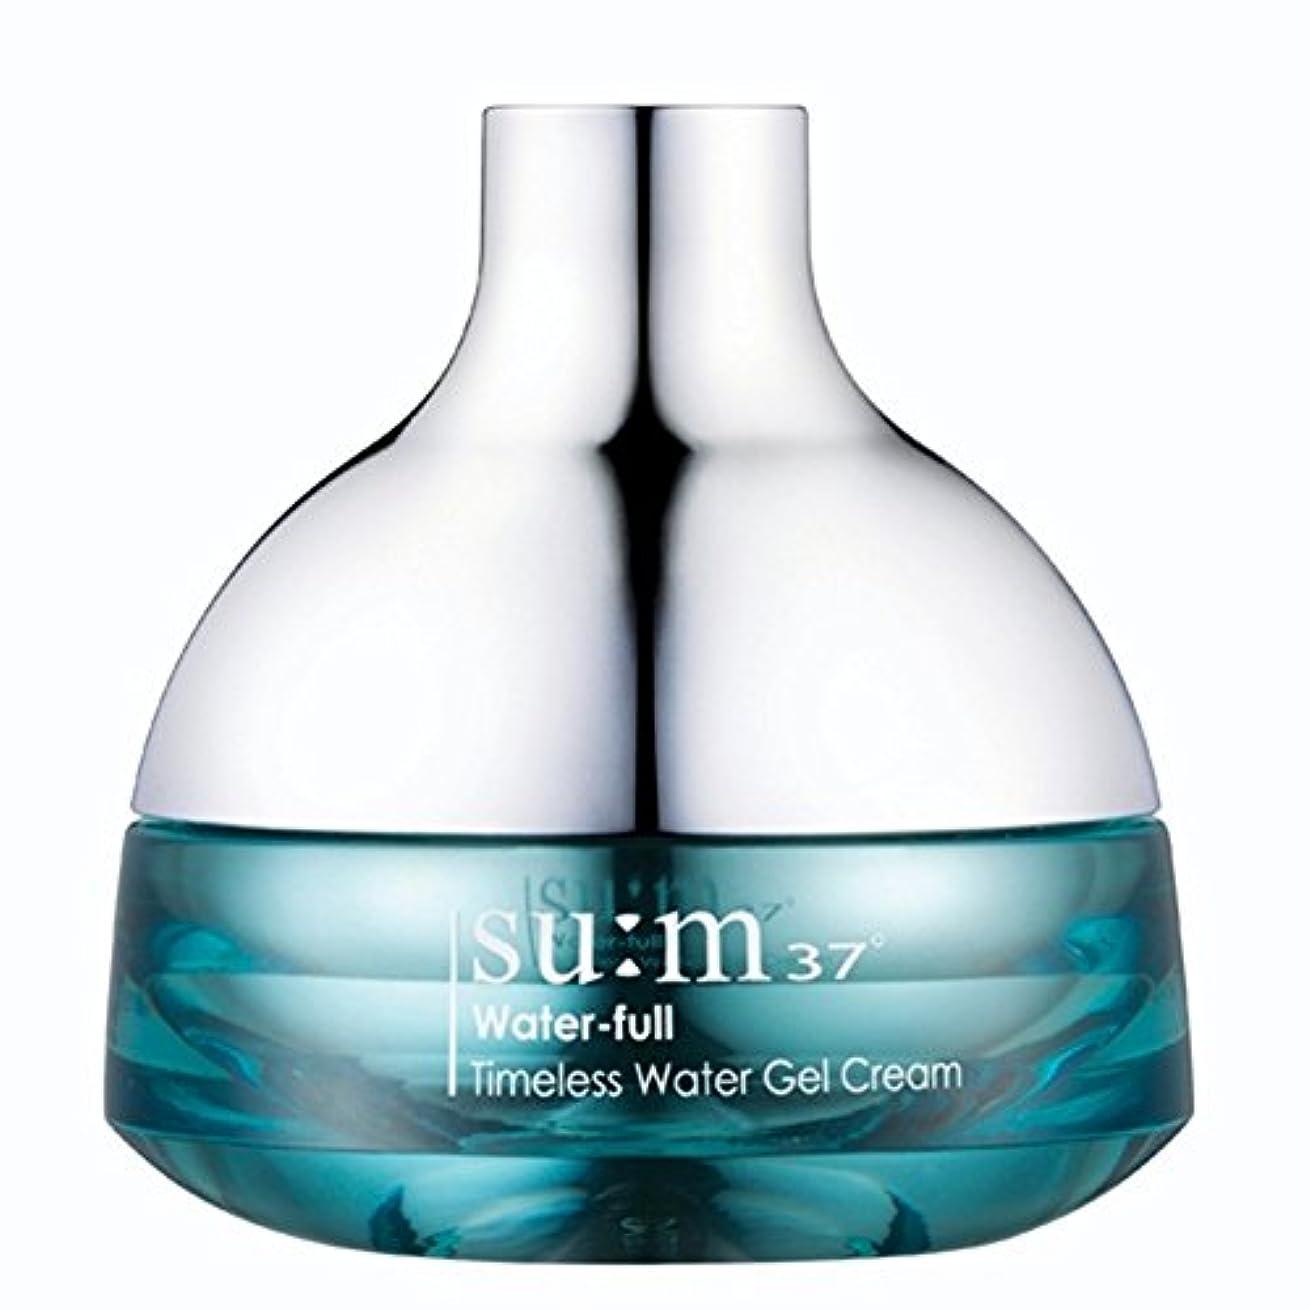 障害者支払うベルベットsu:m37/スム37° スム37 ウォーターフルタイムレスウォータージェルクリーム50ml (sum 37ºWater-full Timeless Water Gel Cream 50ml + Special Gift...